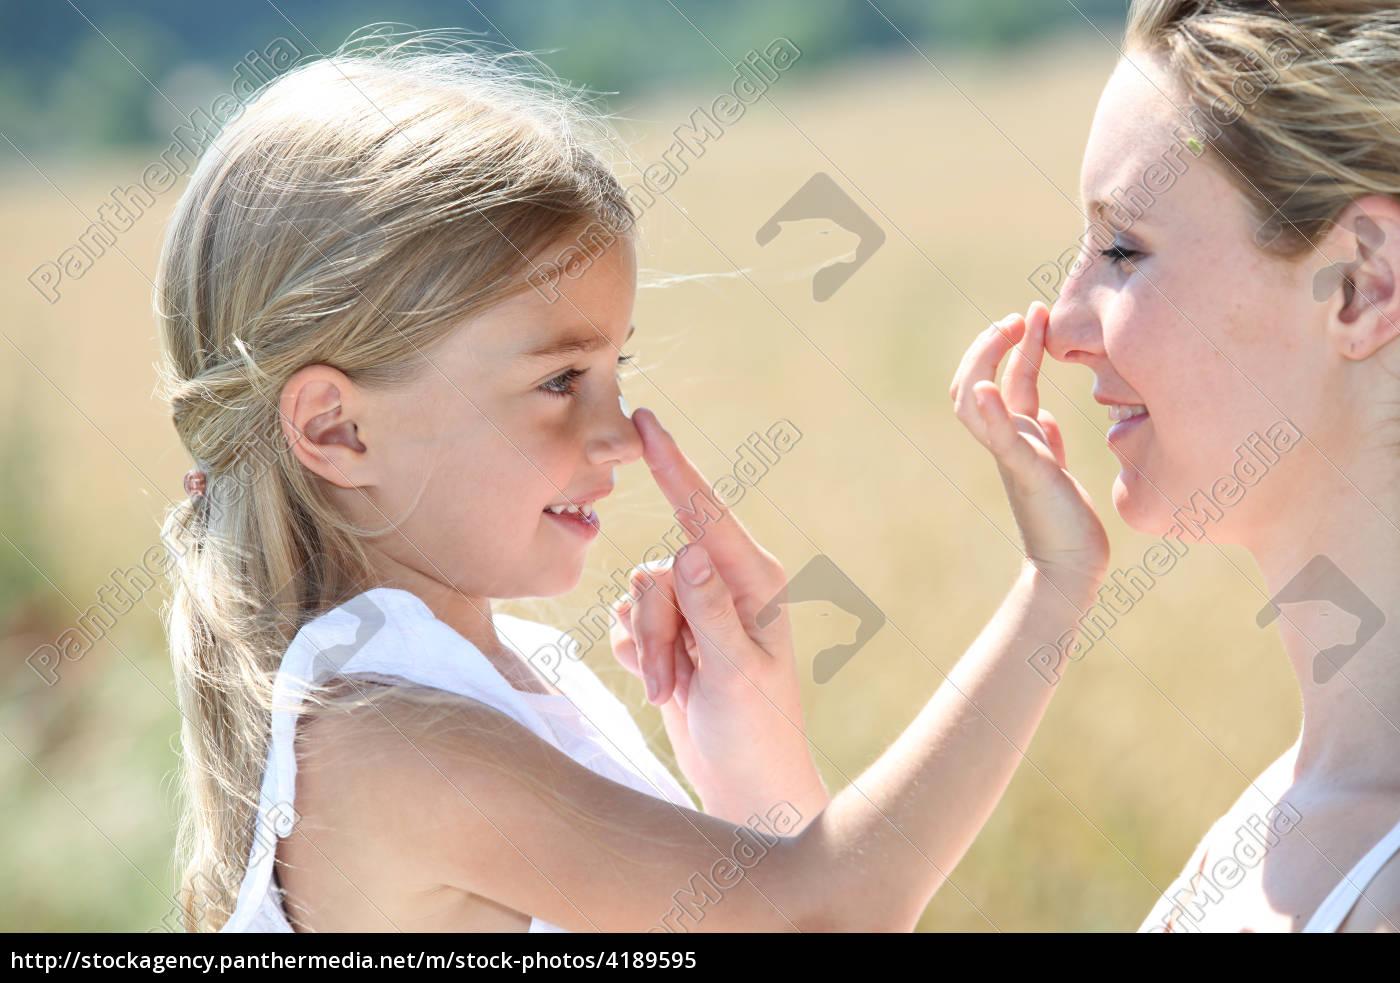 madre, e, figlia, di, mettere, la - 4189595